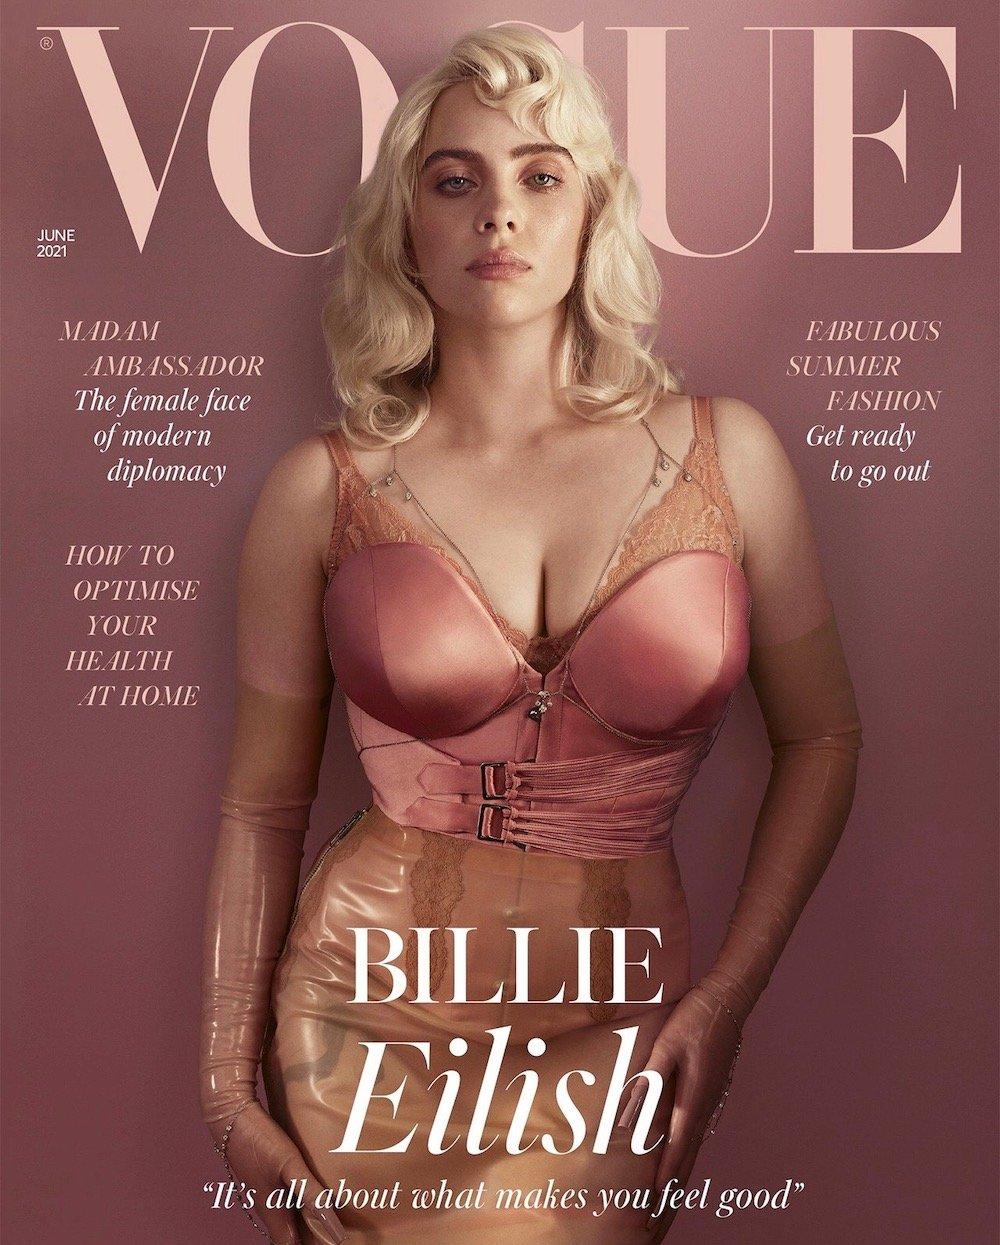 Британский Vogue июнь 2021. Билли Айлиш выглядела восхитительно!